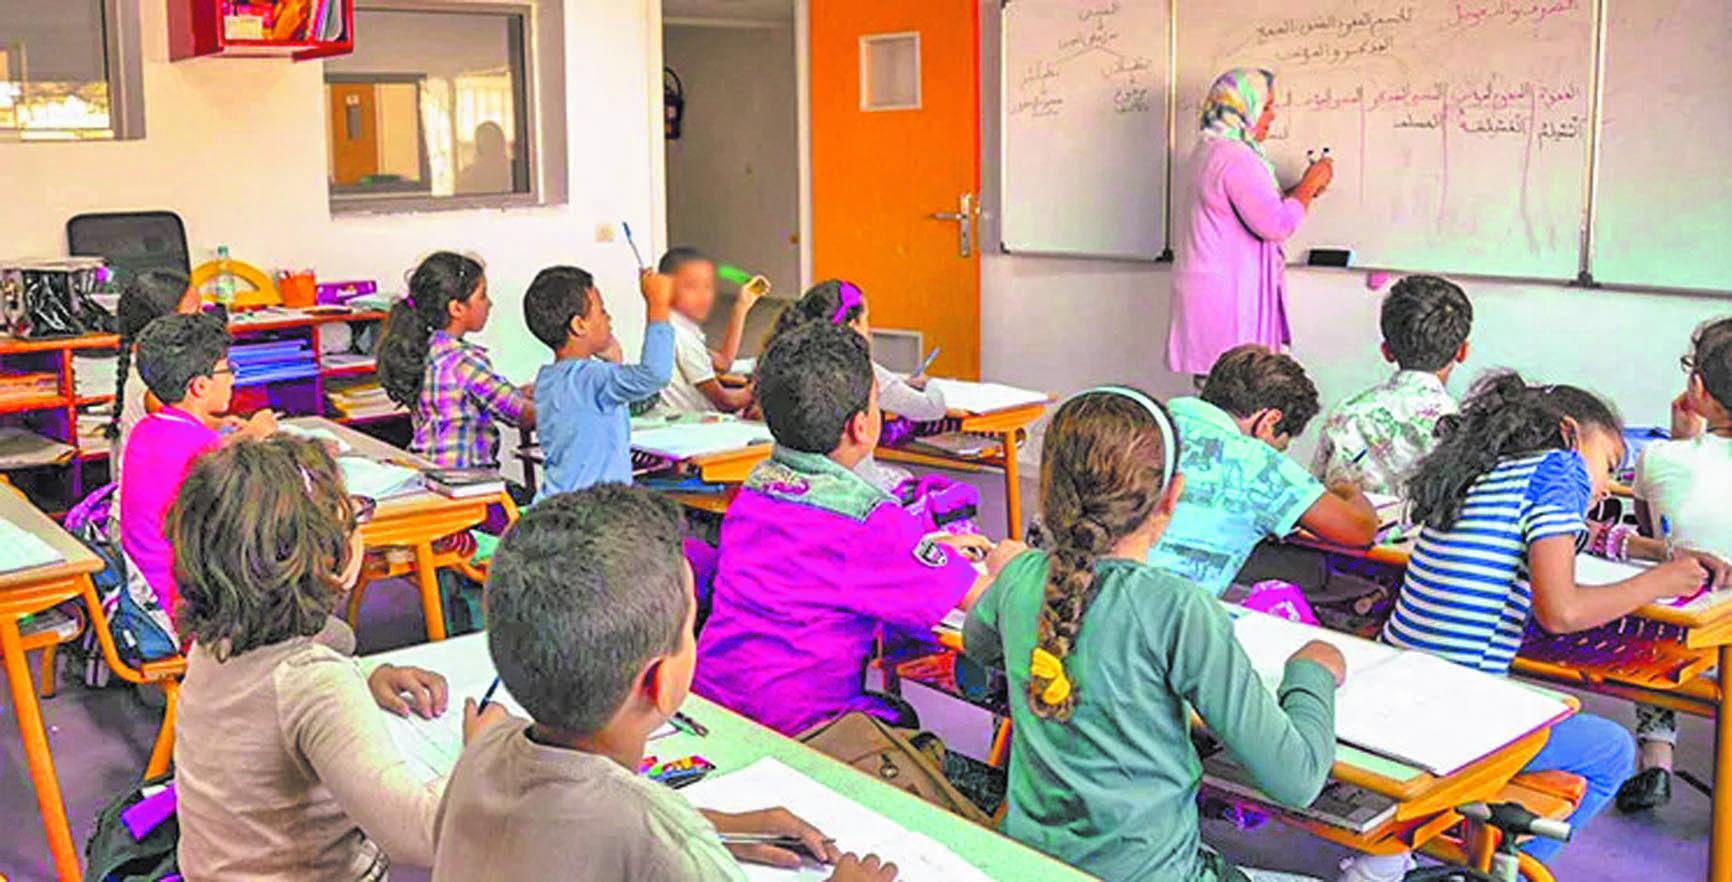 Plus de 80% des familles ont opté pour l'enseignement présentiel